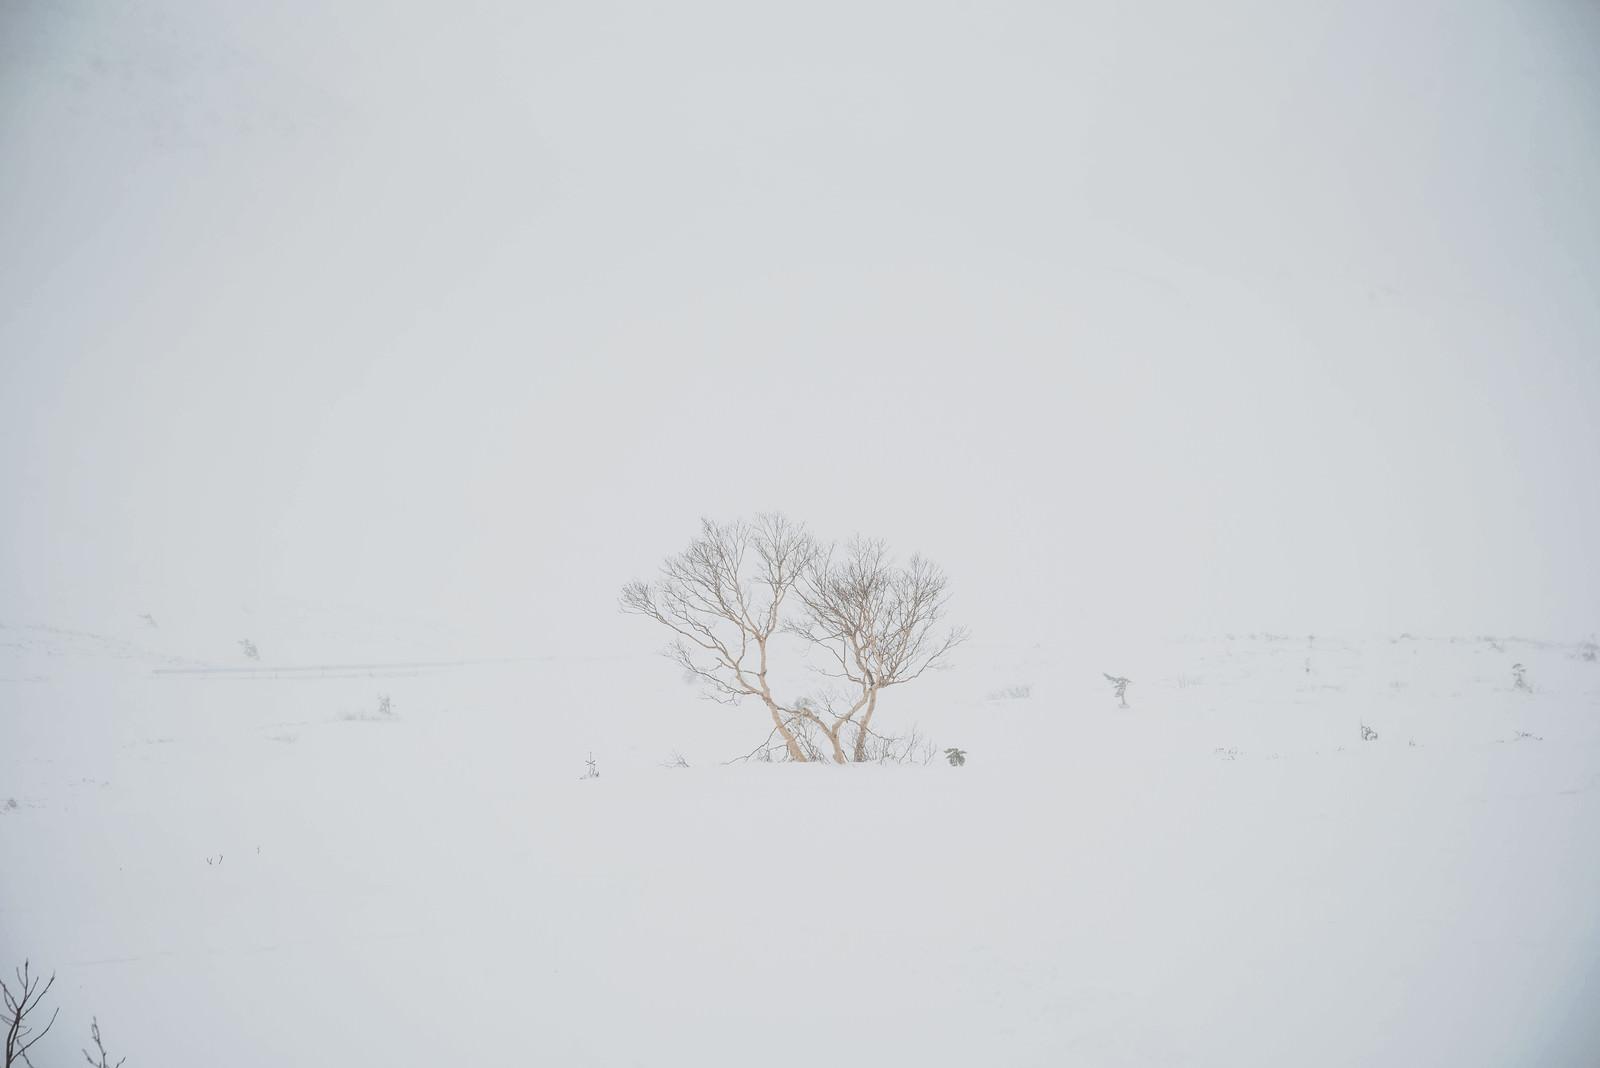 「視界不良の冬山で目印になる木」の写真